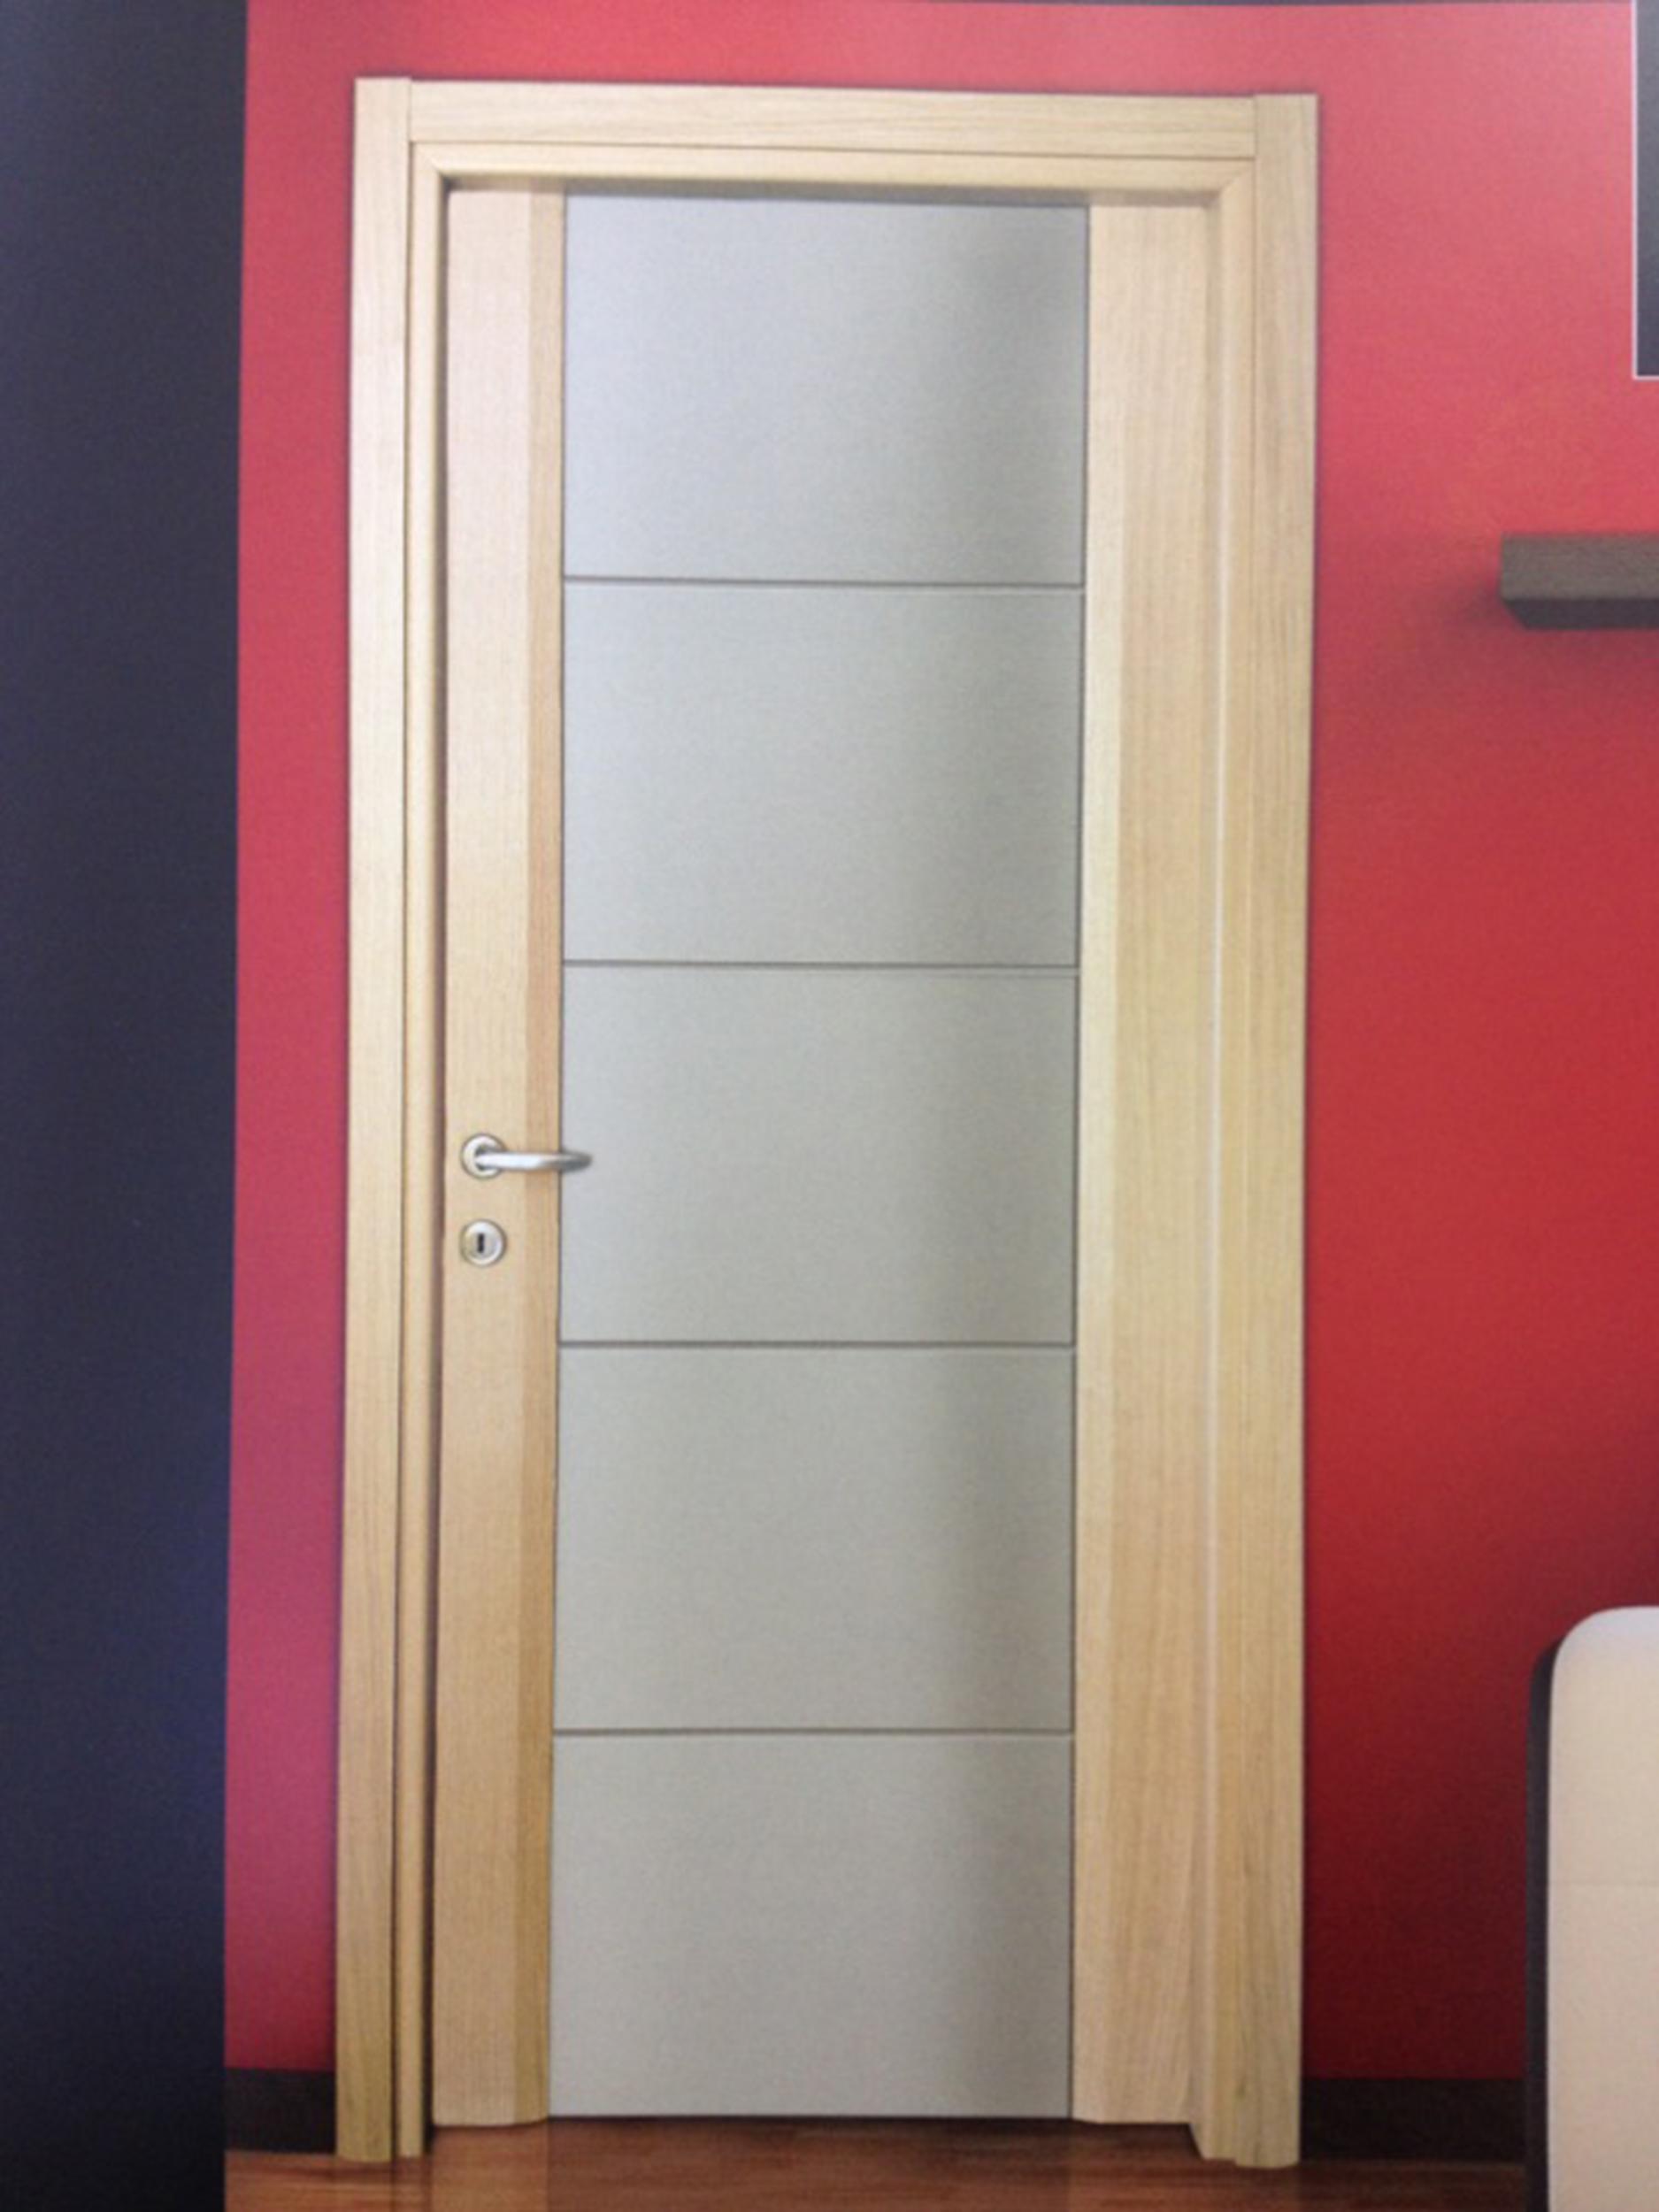 Porte interne tecnal snc serramenti pavia - Brico porte interne ...